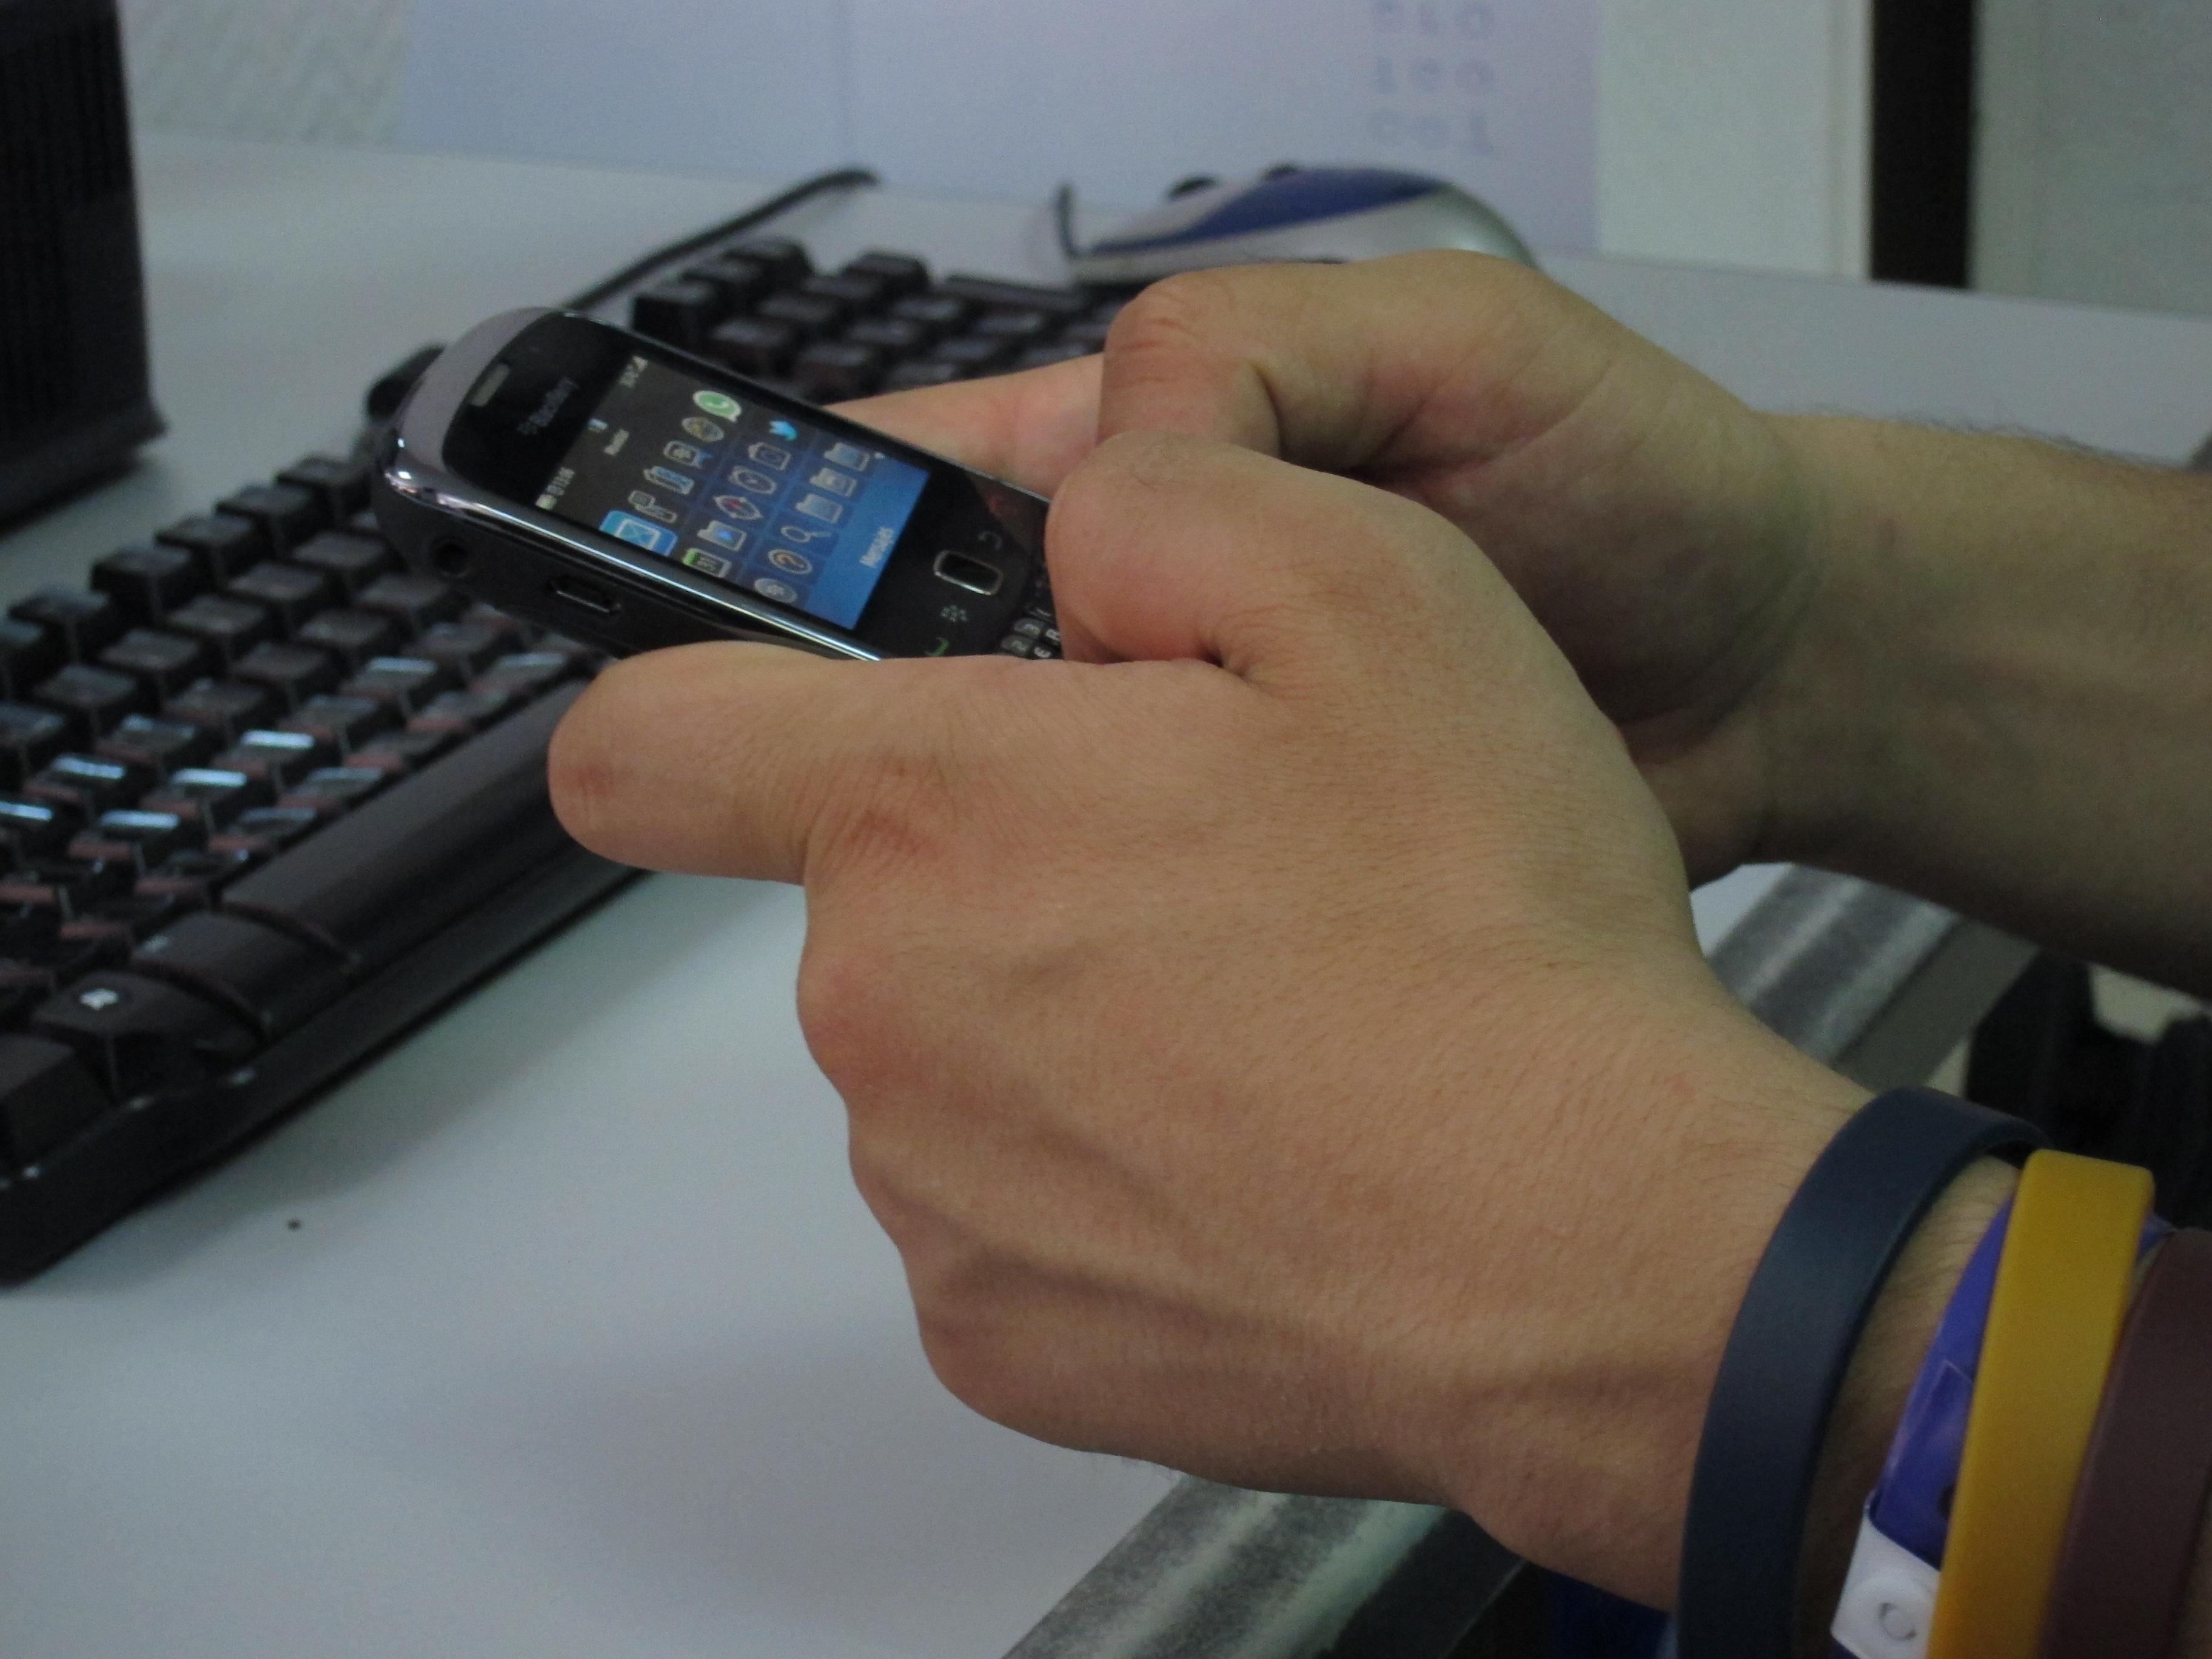 El 21% de los usuarios de móvil tienen »factura única», con ahorros de nueve euros mensuales